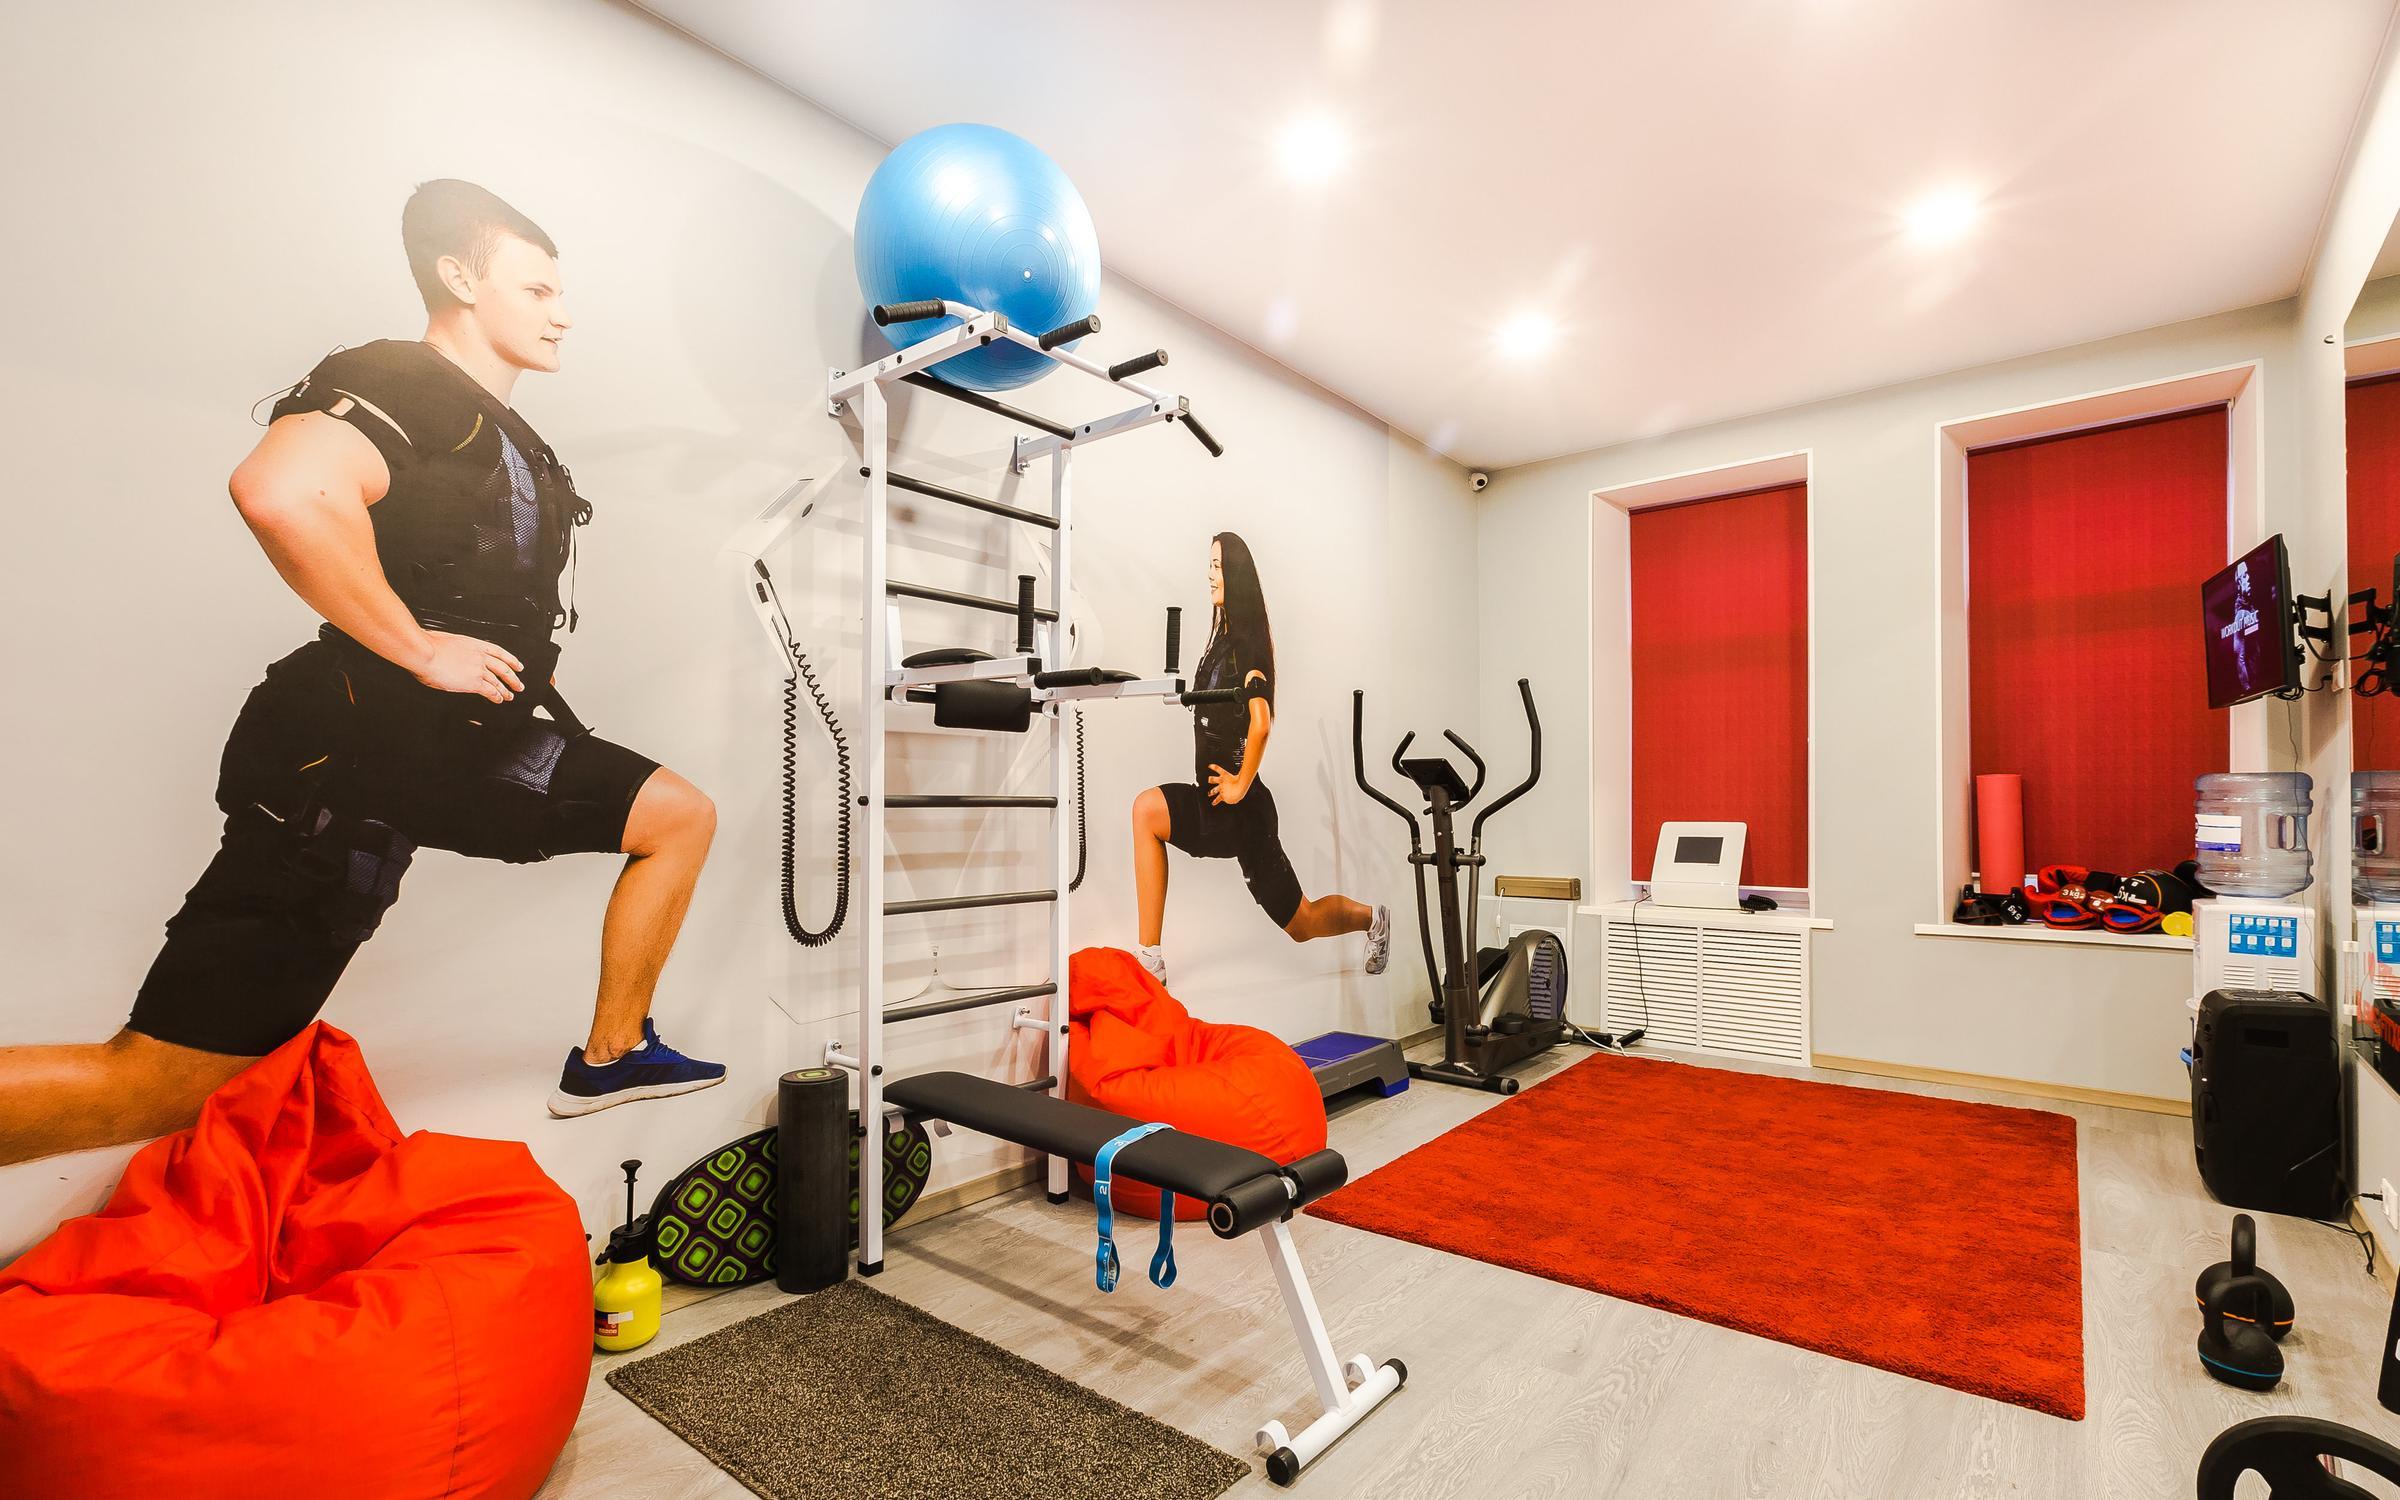 В личном кабинете вы можете записаться за 7 дней до тренировки или за 2 часа до ее начала.